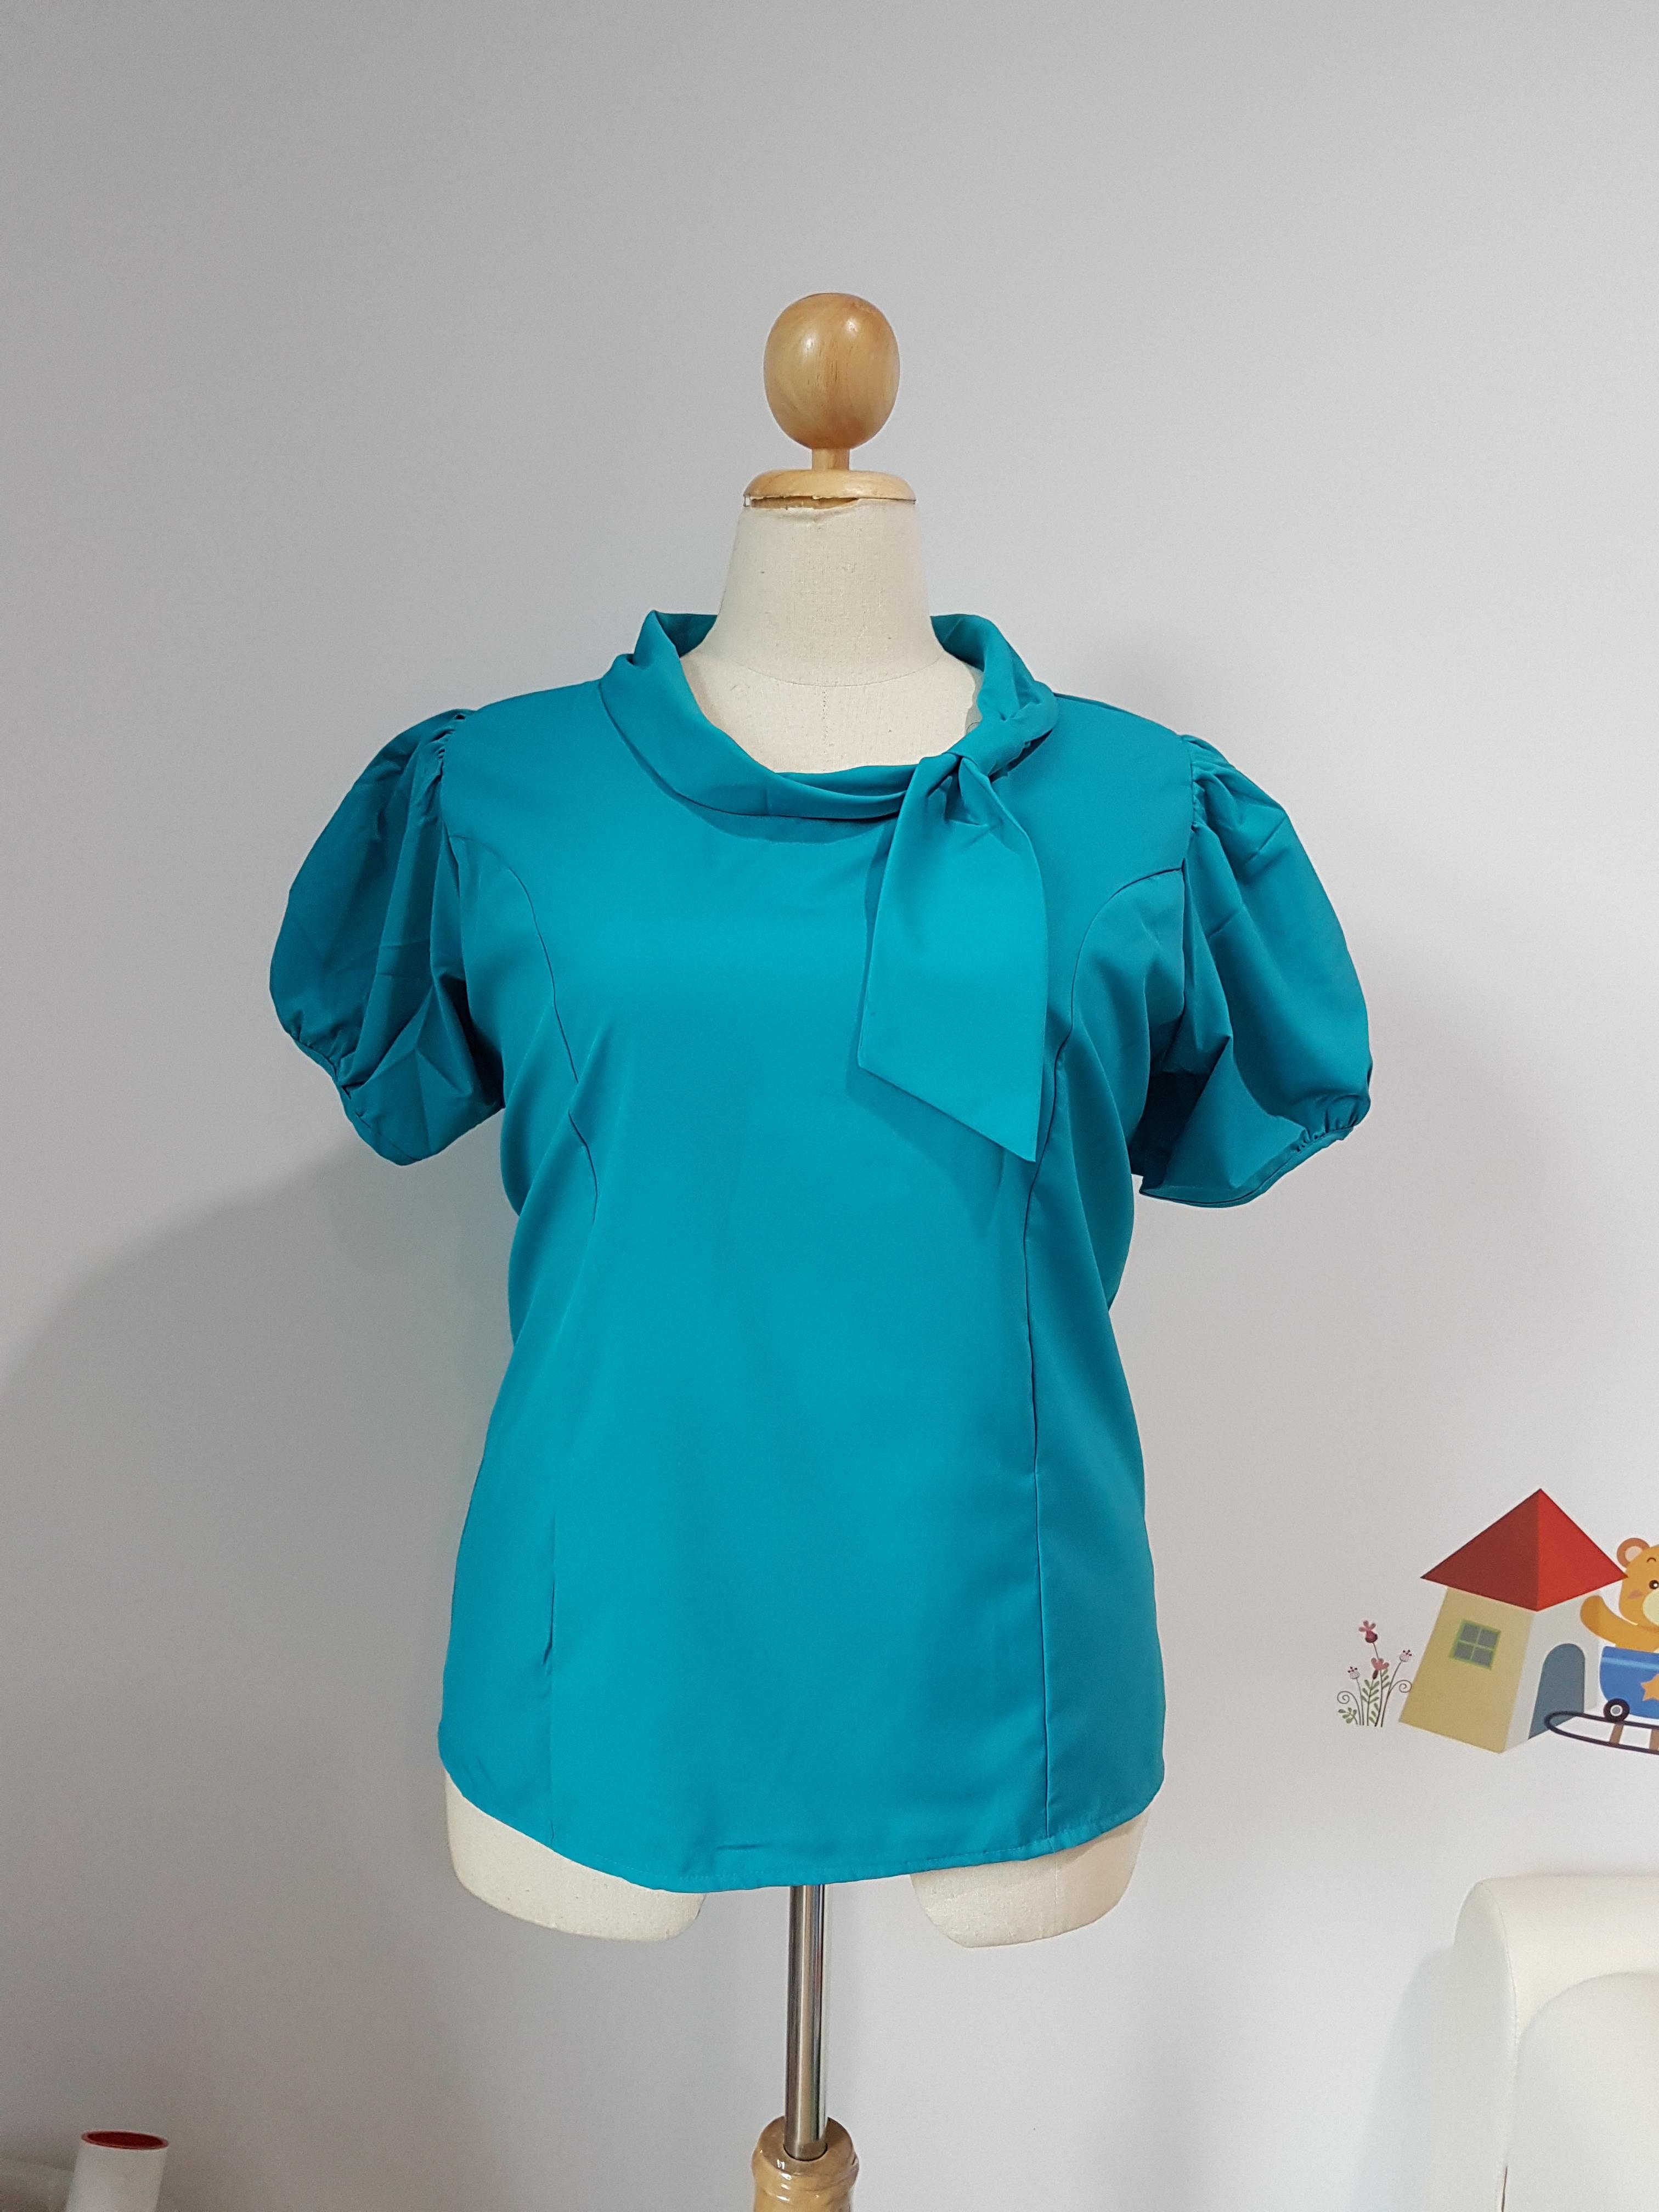 เสื้อ ผ้าไหมอิตาลี คอโบว์ข้างเดี่ยว สีน้ำทะเล ไซส์ XXL อก 48 นิ้ว